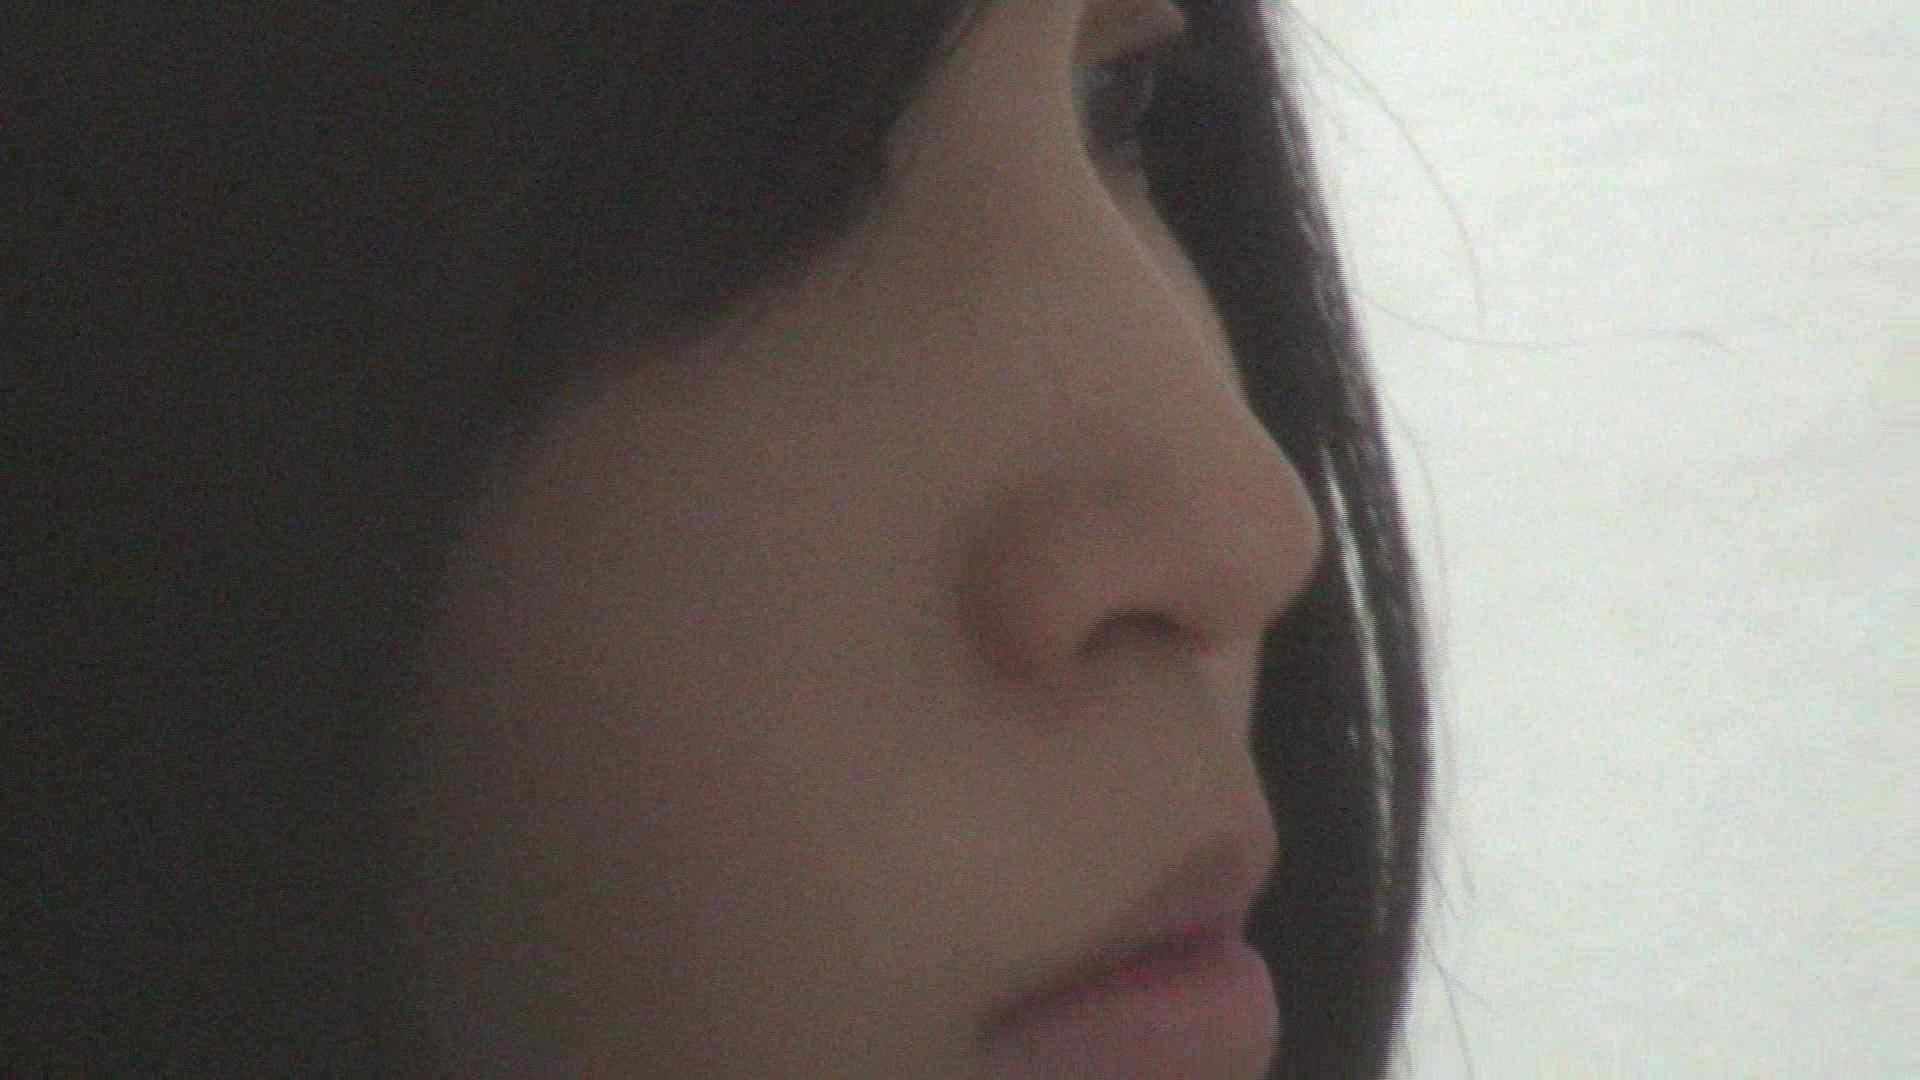 【05】仕事が忙しくて・・・久しぶりにベランダで待ち伏せ 盗撮  85pic 75